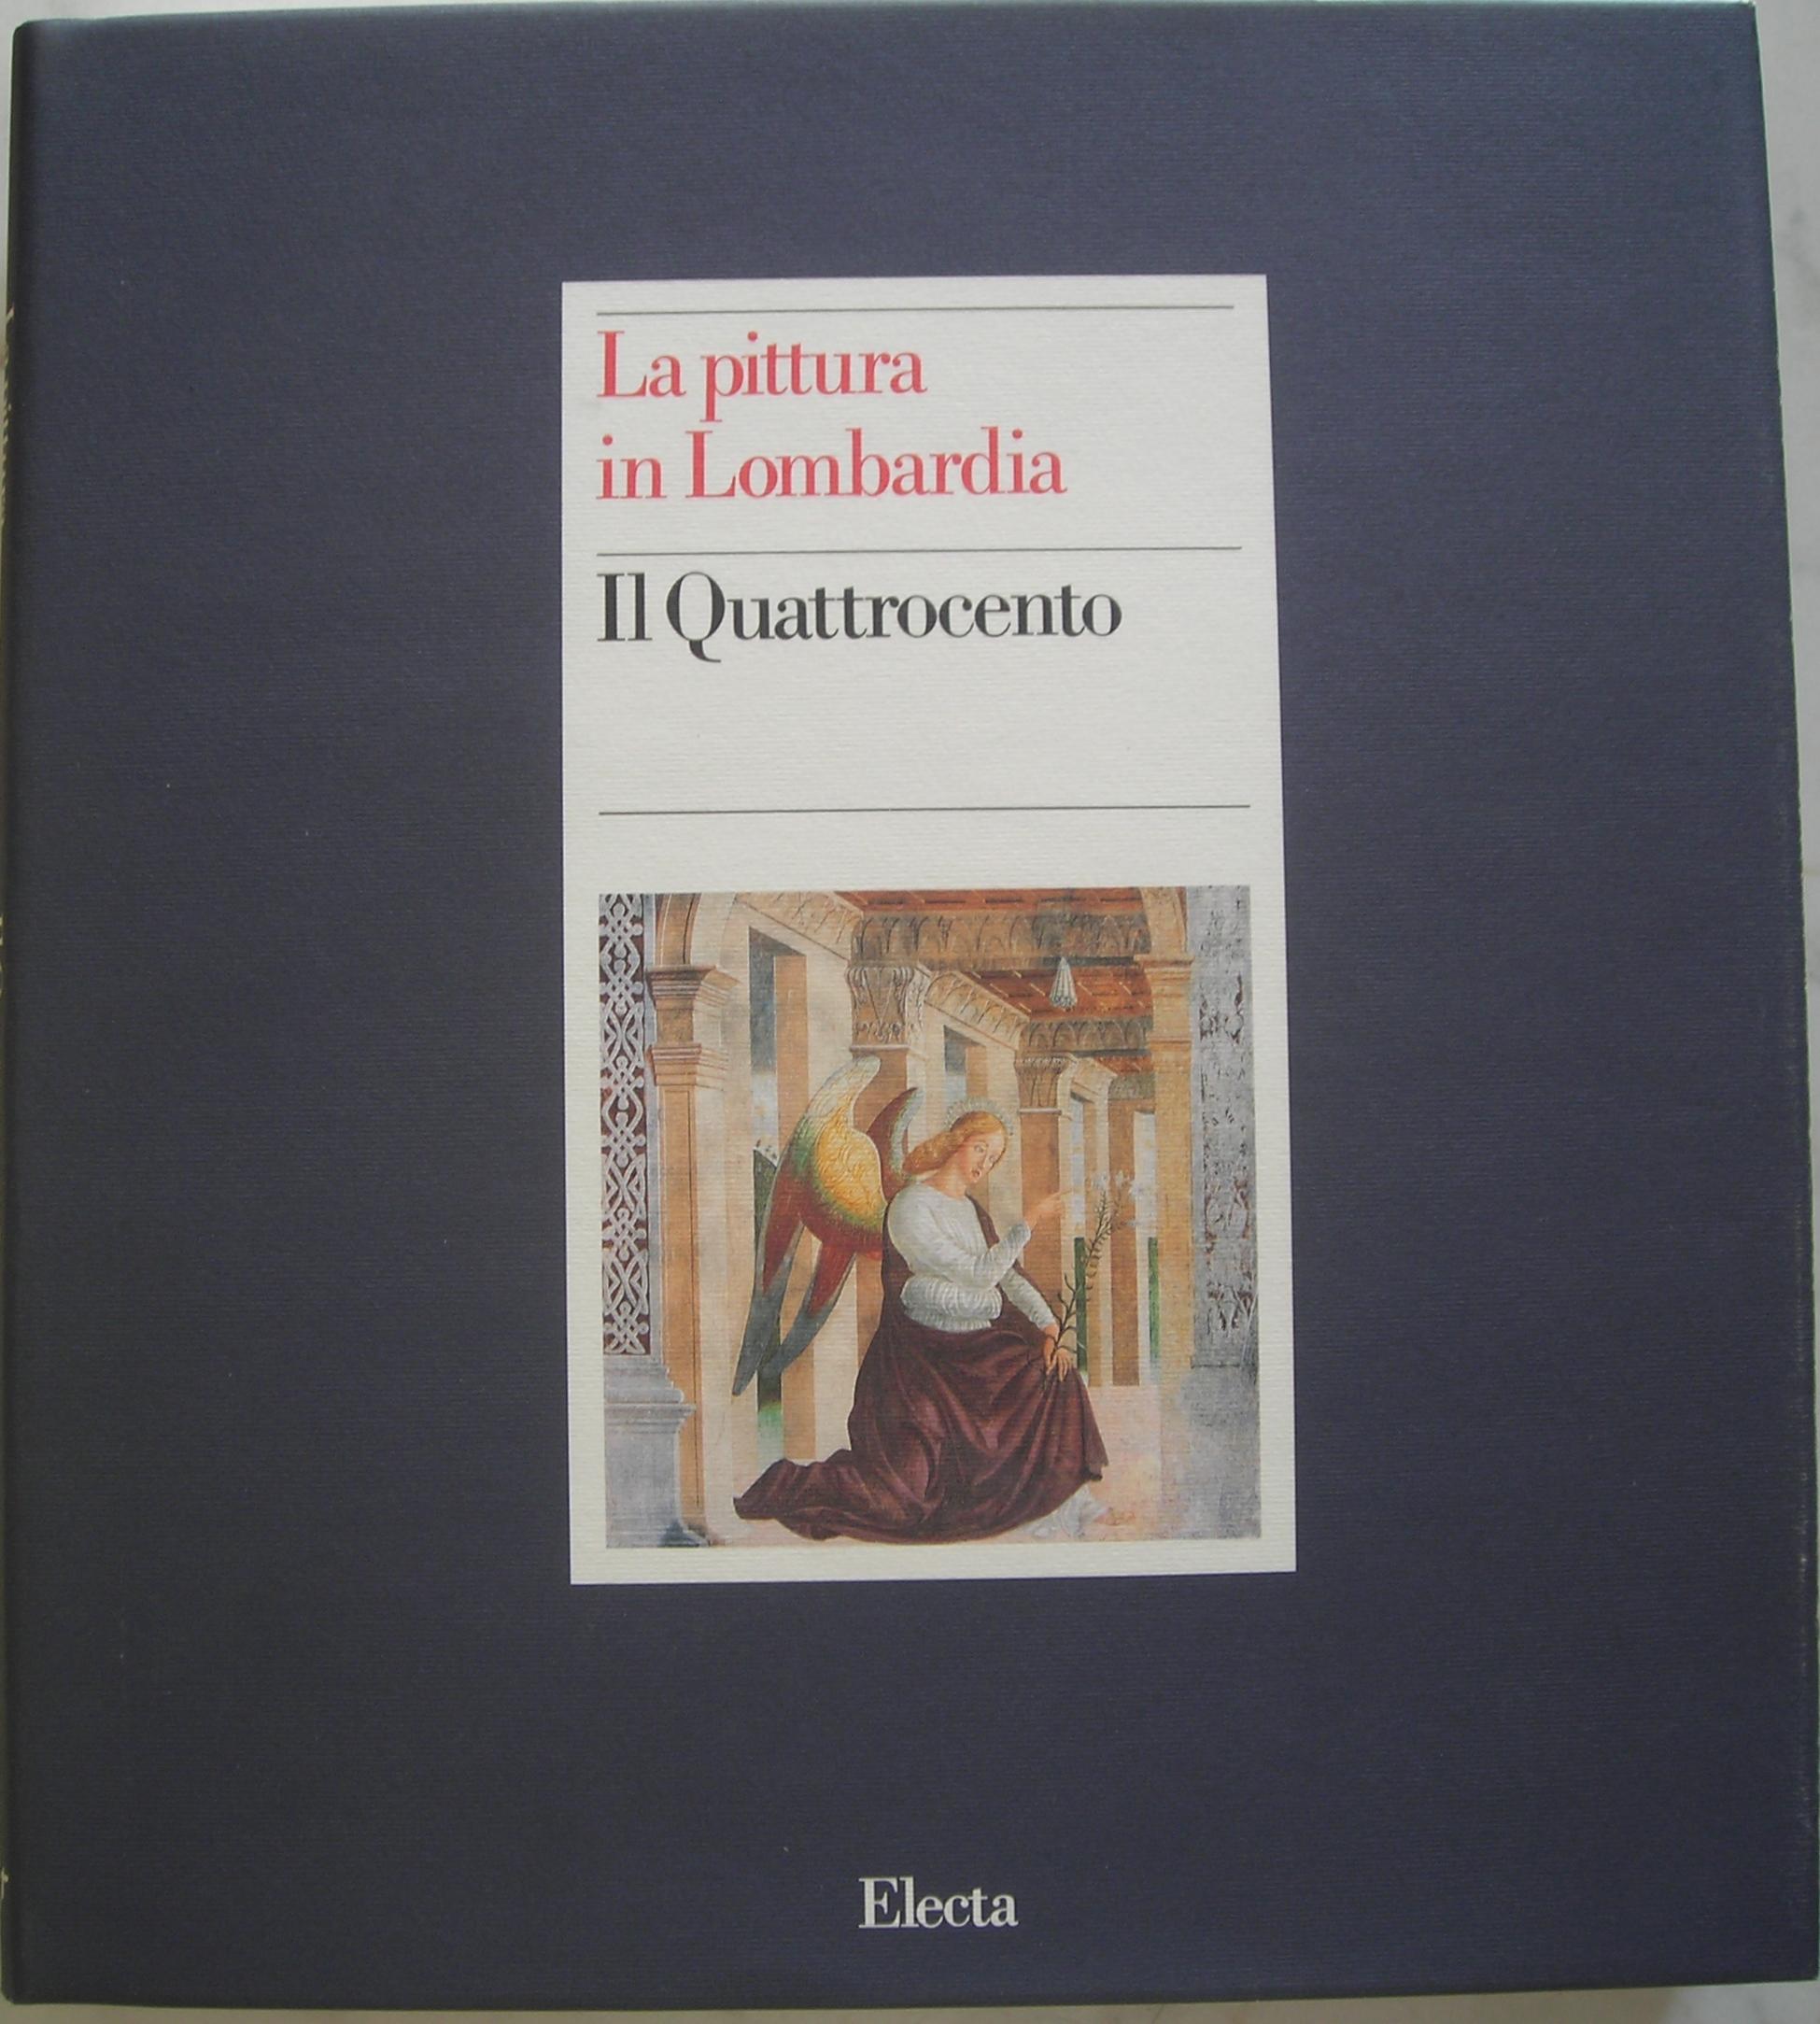 La pittura in Lombardia. Il Quattrocento